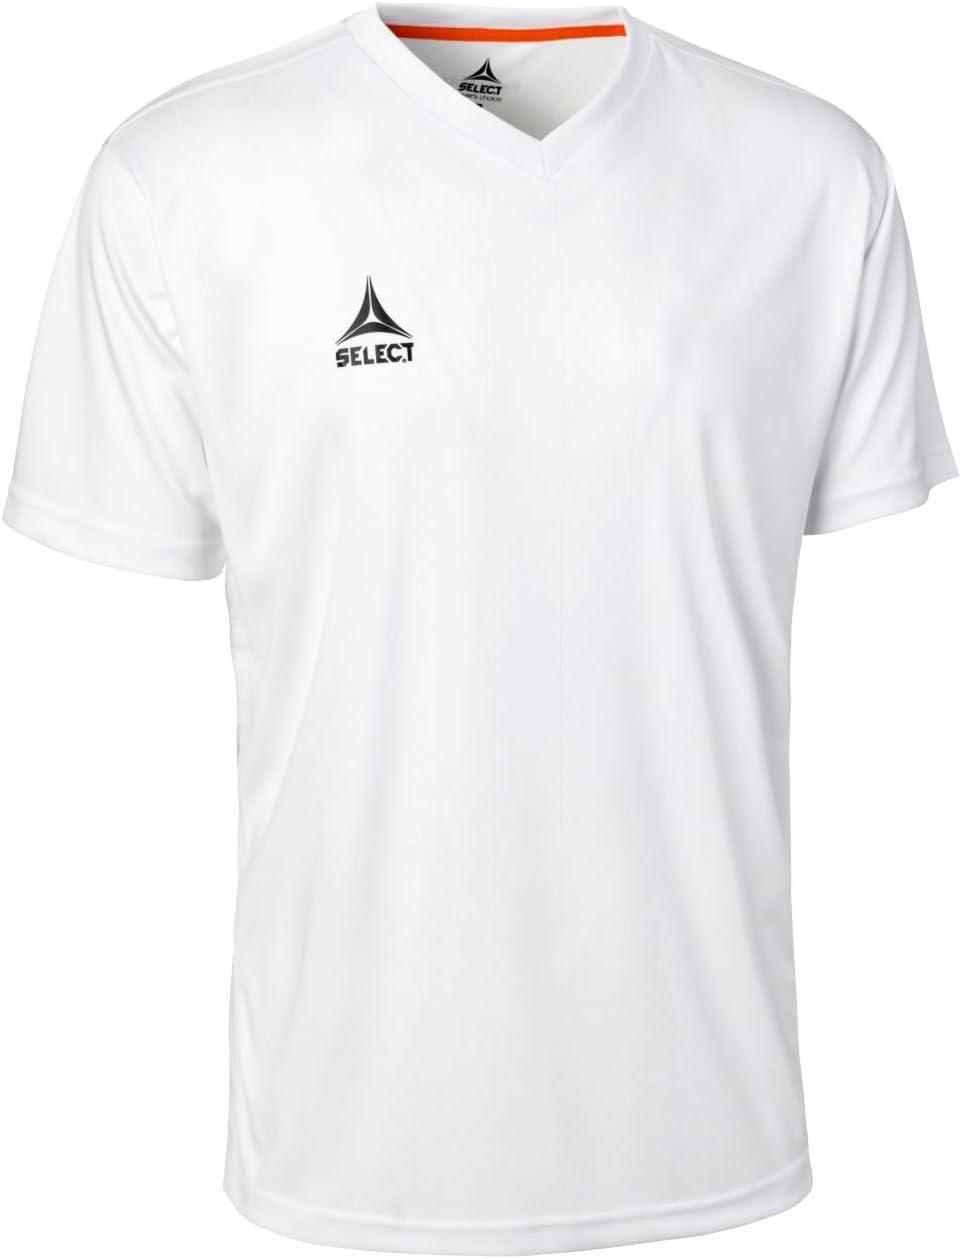 Select Trikot Mexico Camiseta Unisex Adulto